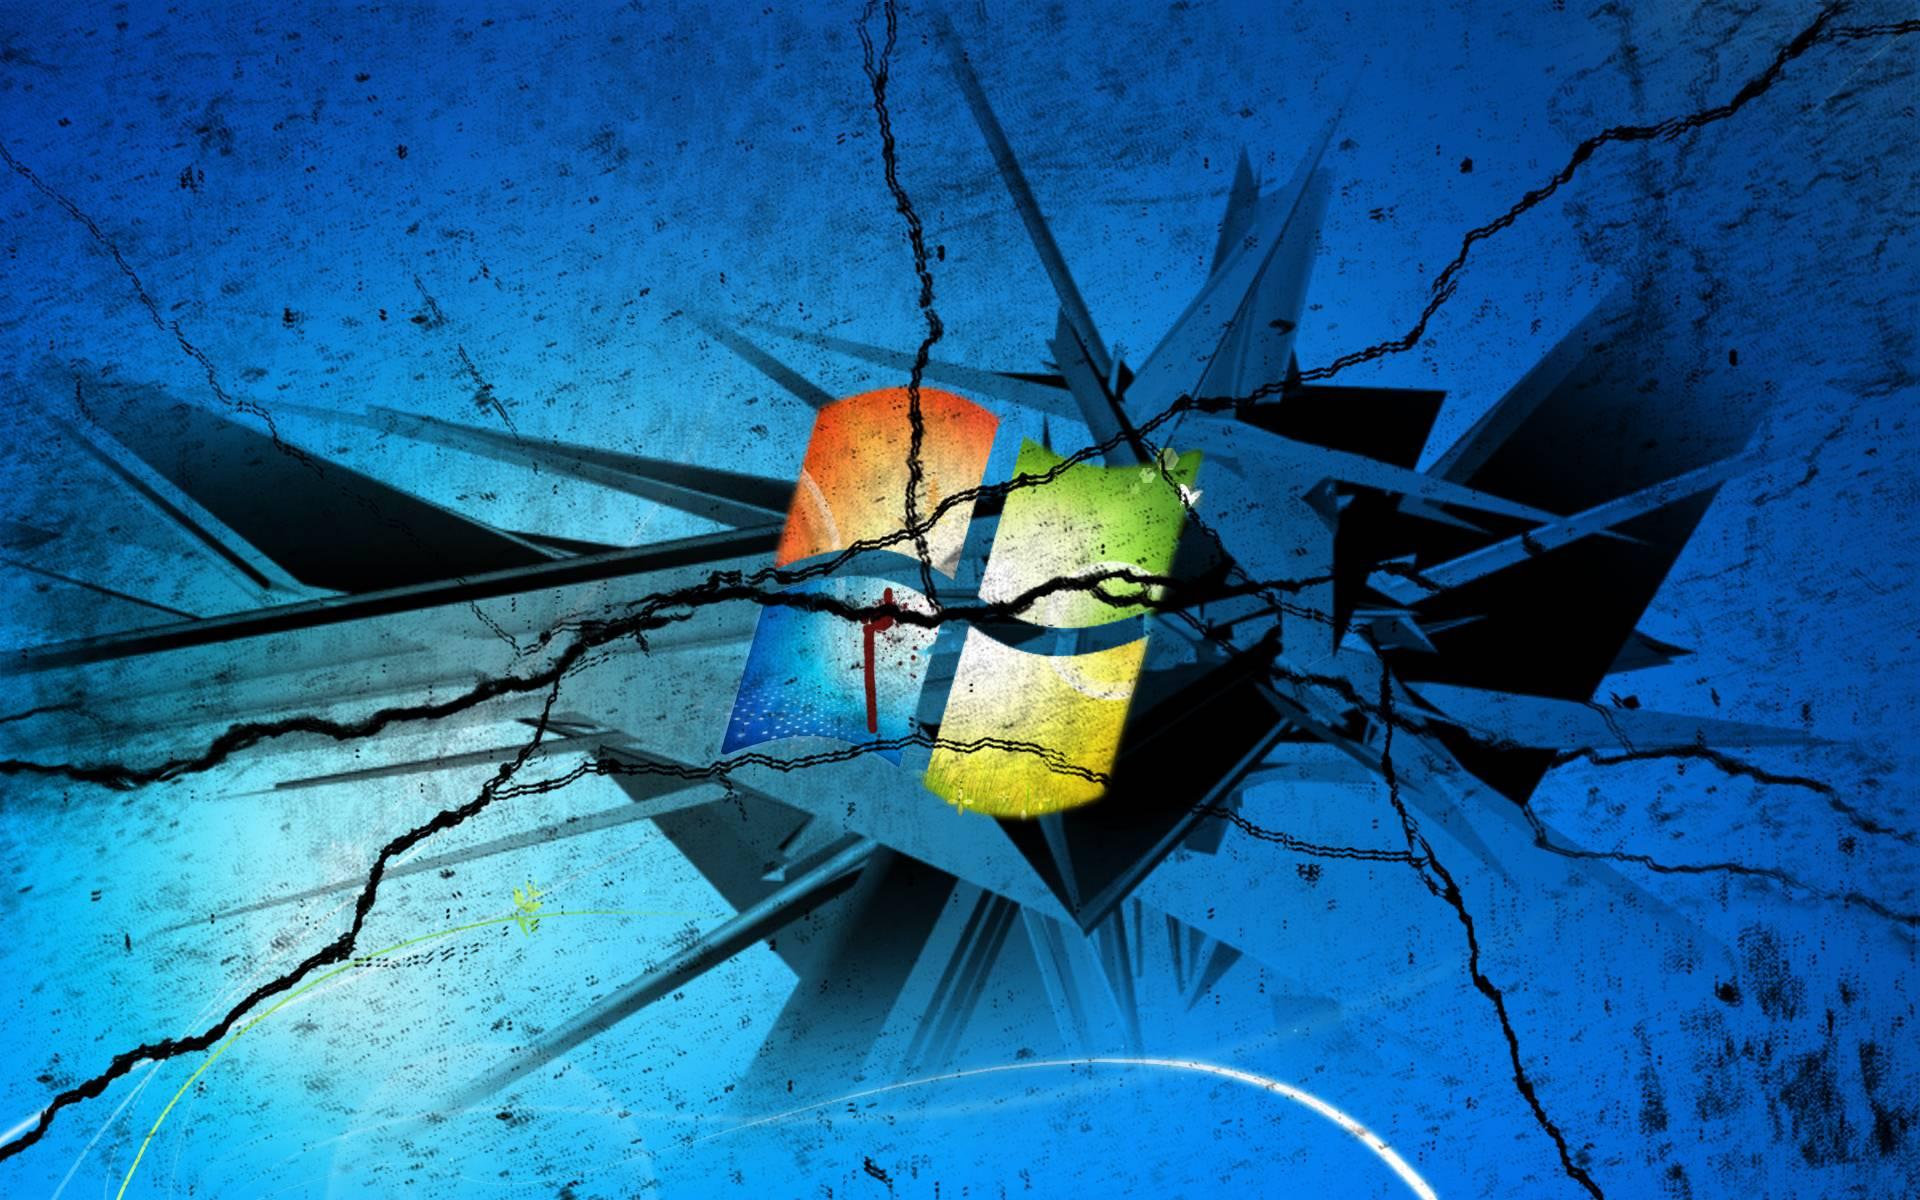 Broken Desktop Wallpapers Top Free Broken Desktop